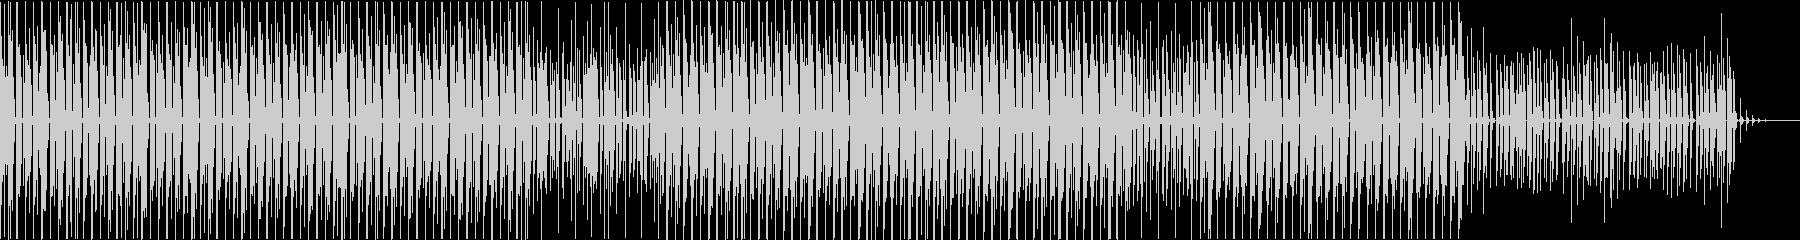 Fold Featherの未再生の波形